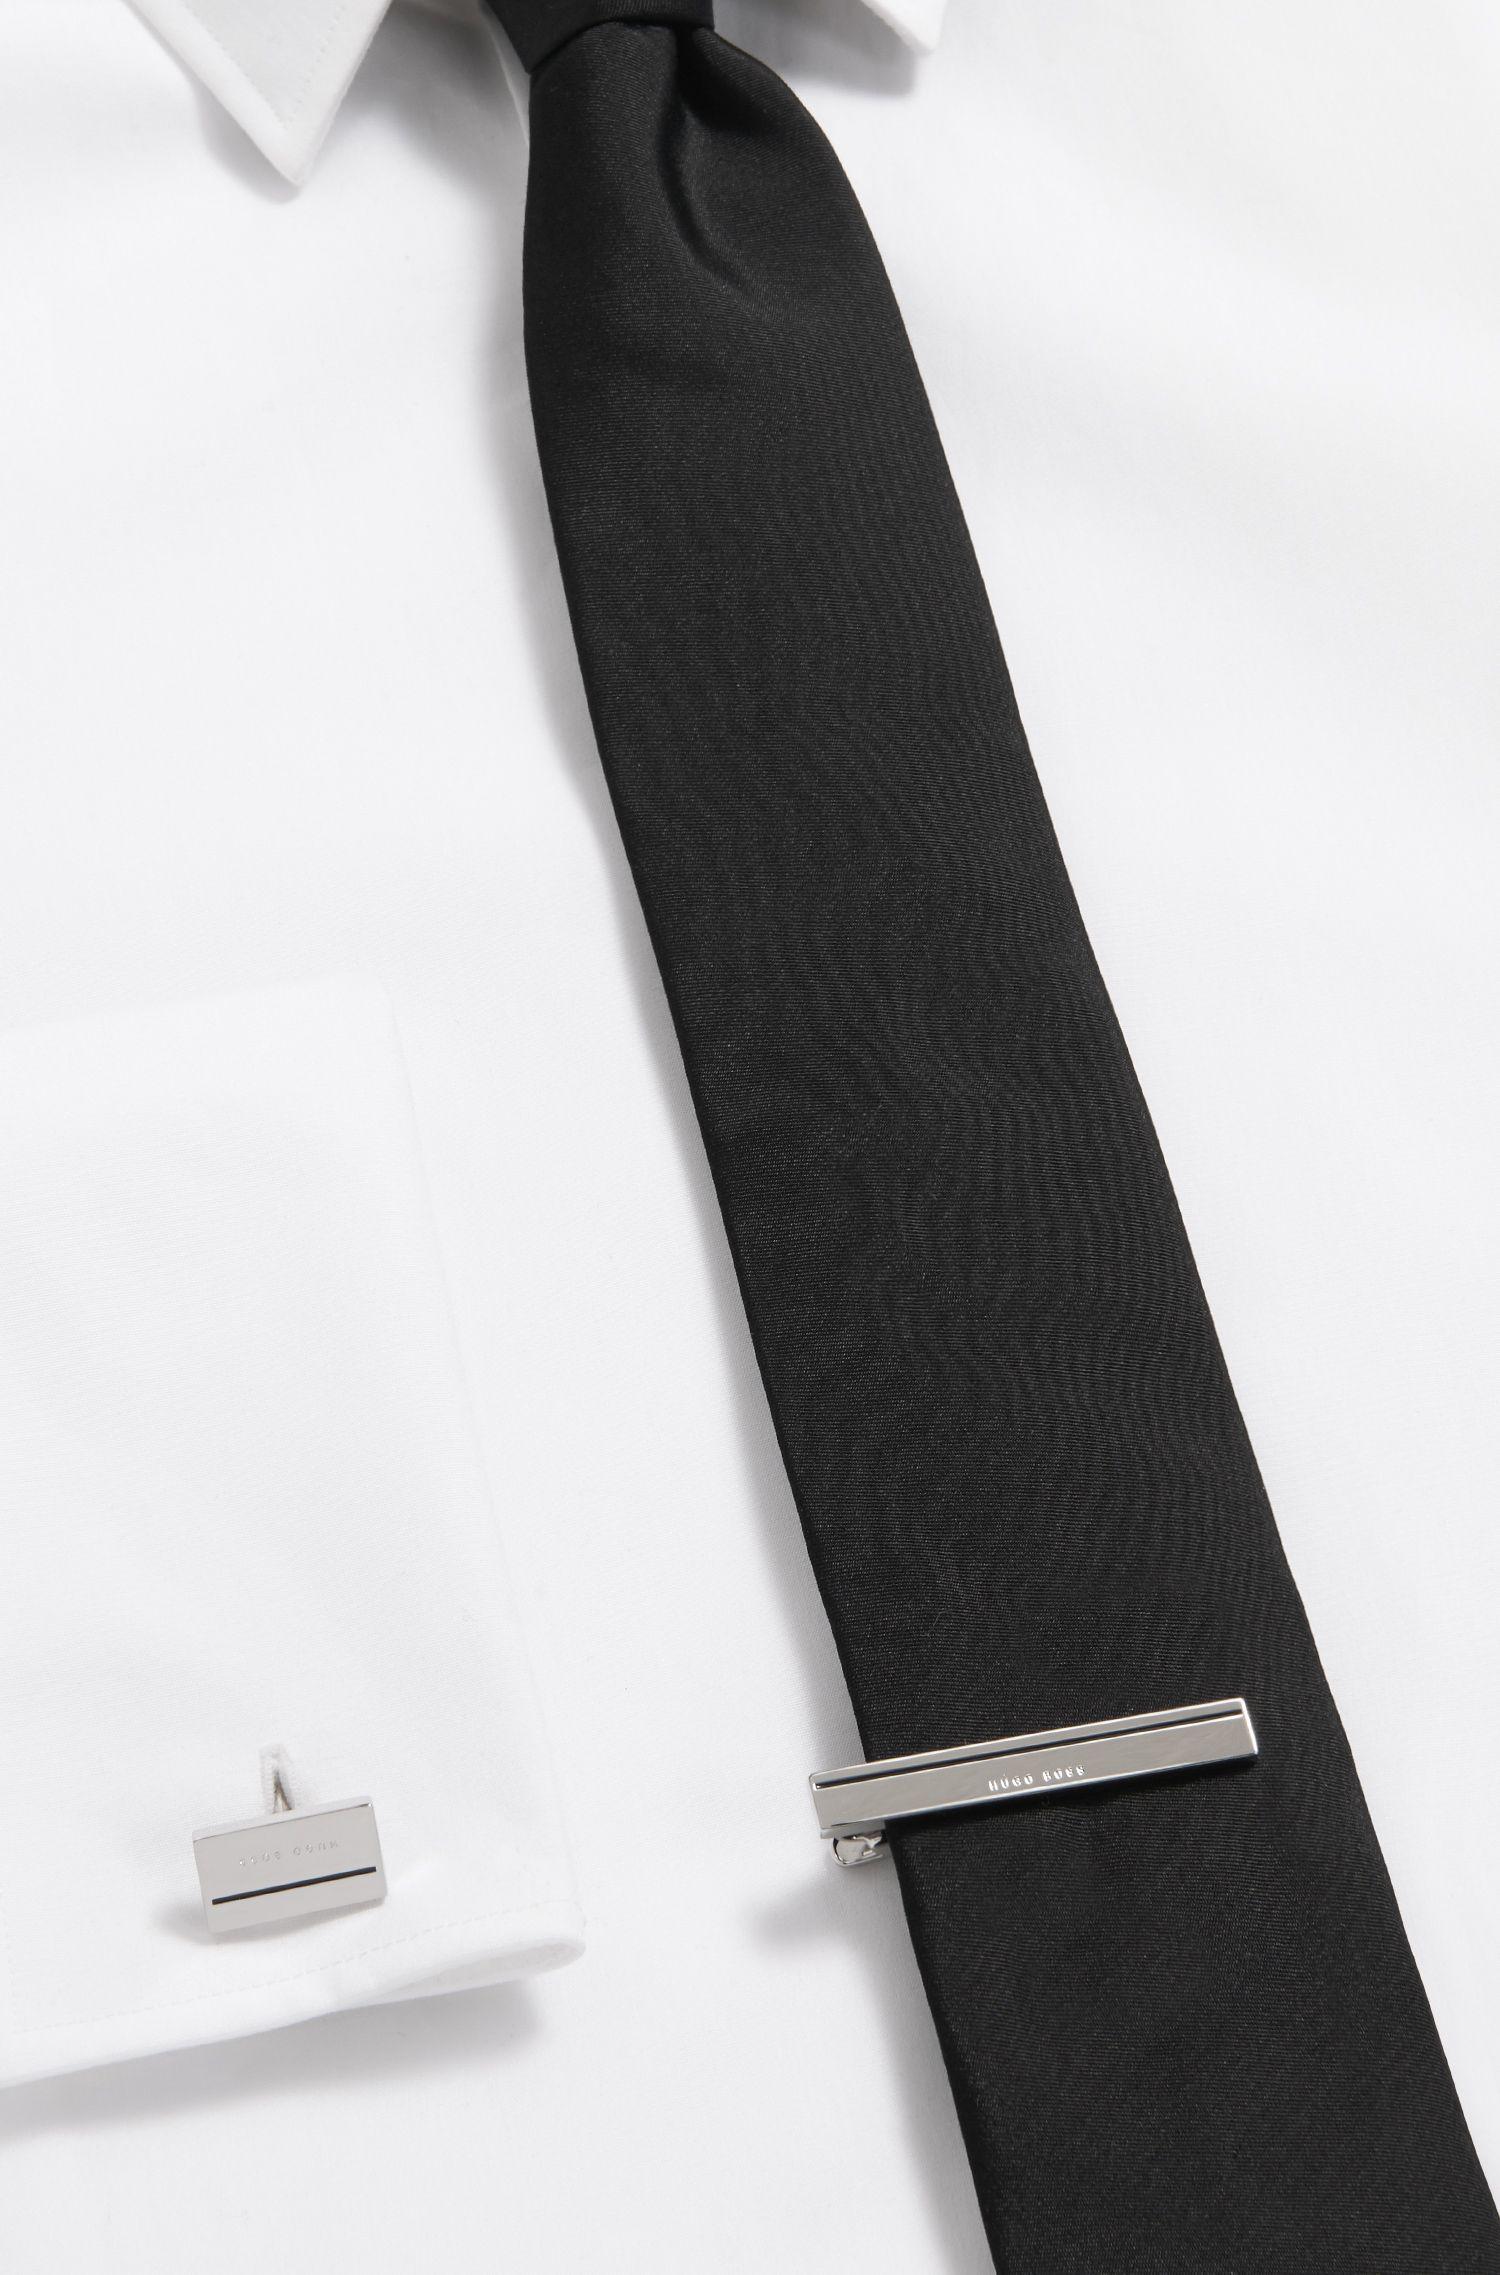 Épingle à cravate polie à la main avec émail coloré